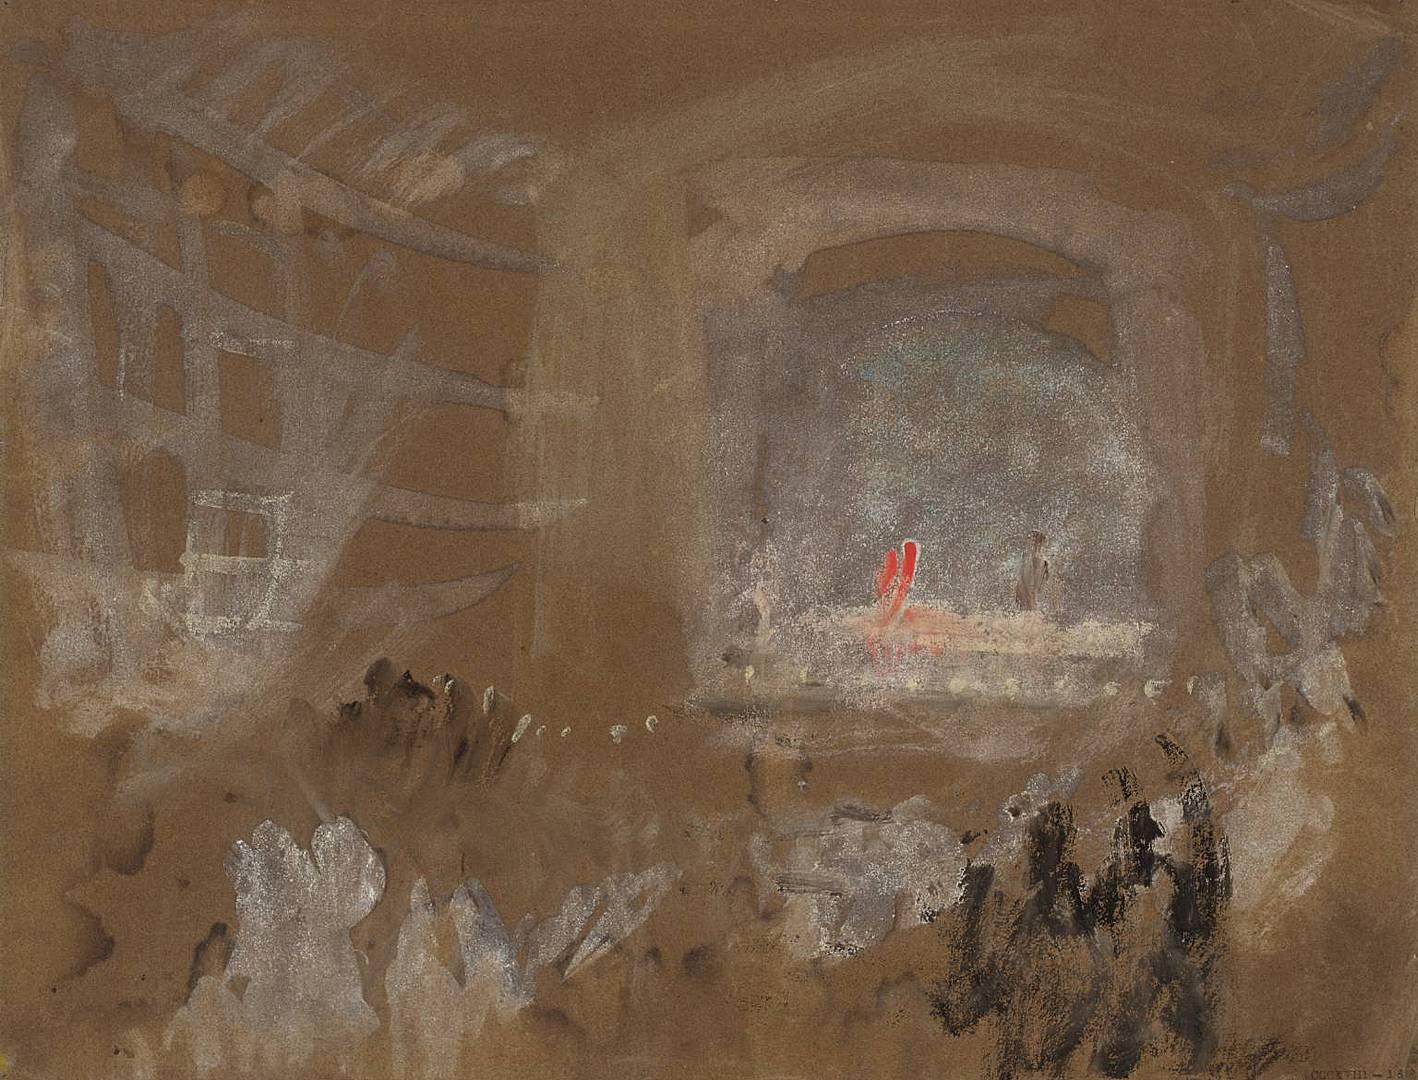 Уильям Тёрнер. Венеция, интерьер театра. Ок. 1840